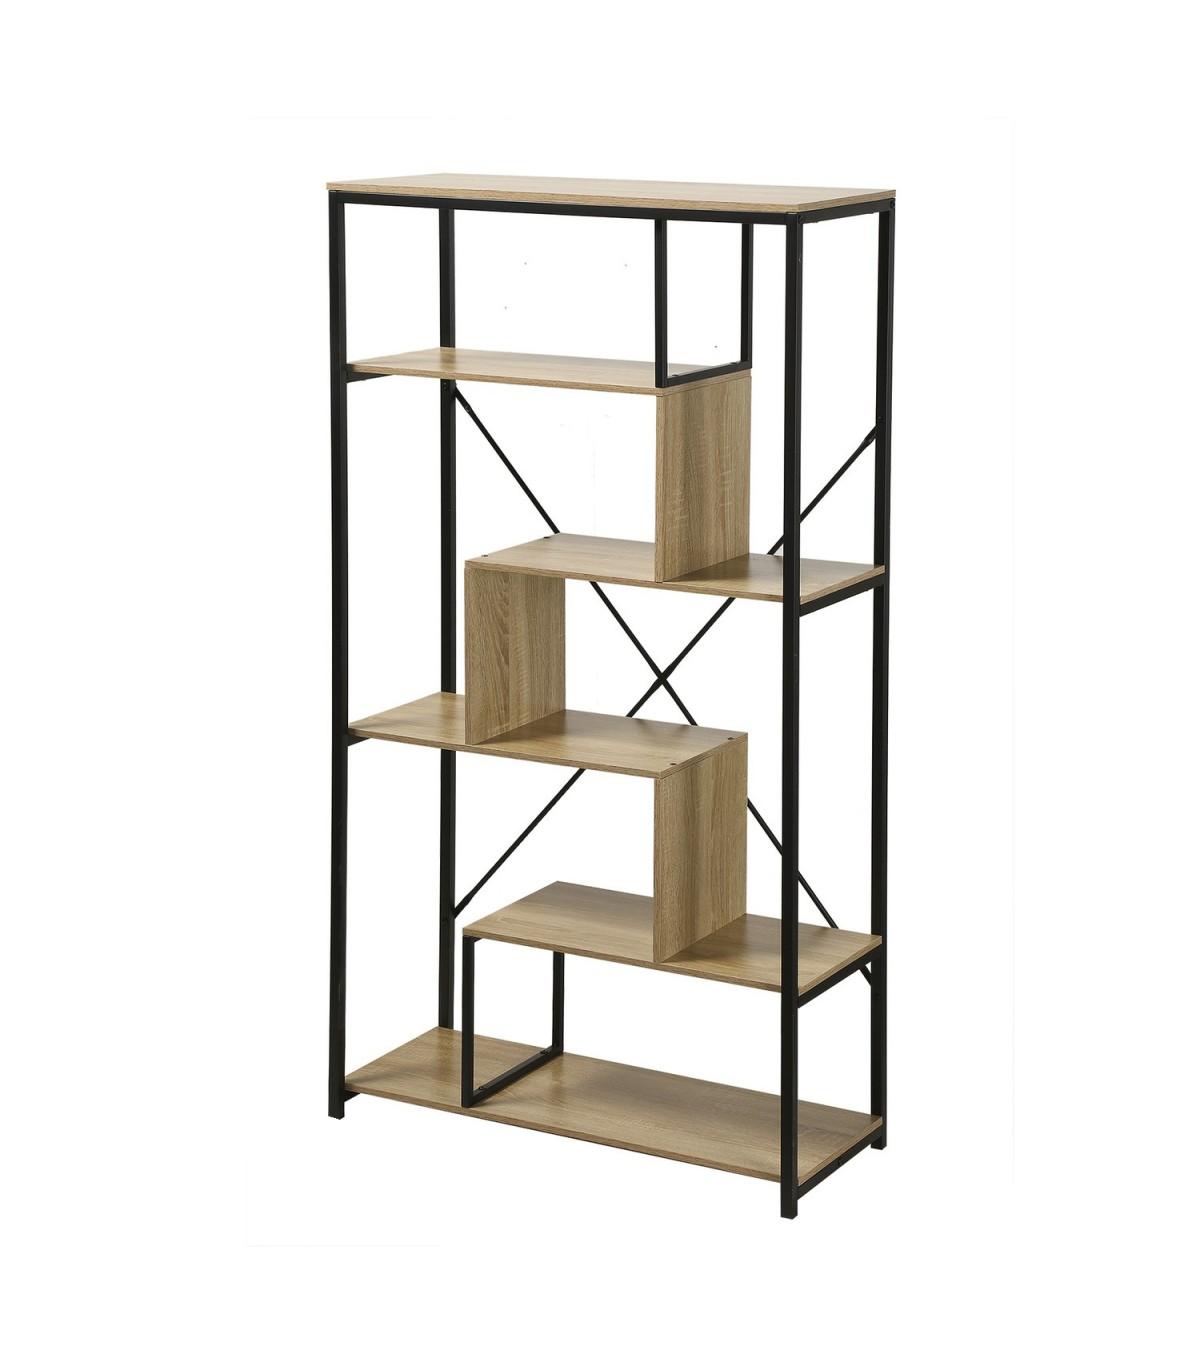 Bibliothèque avec étagères 6 niveaux H160 cm - Marron